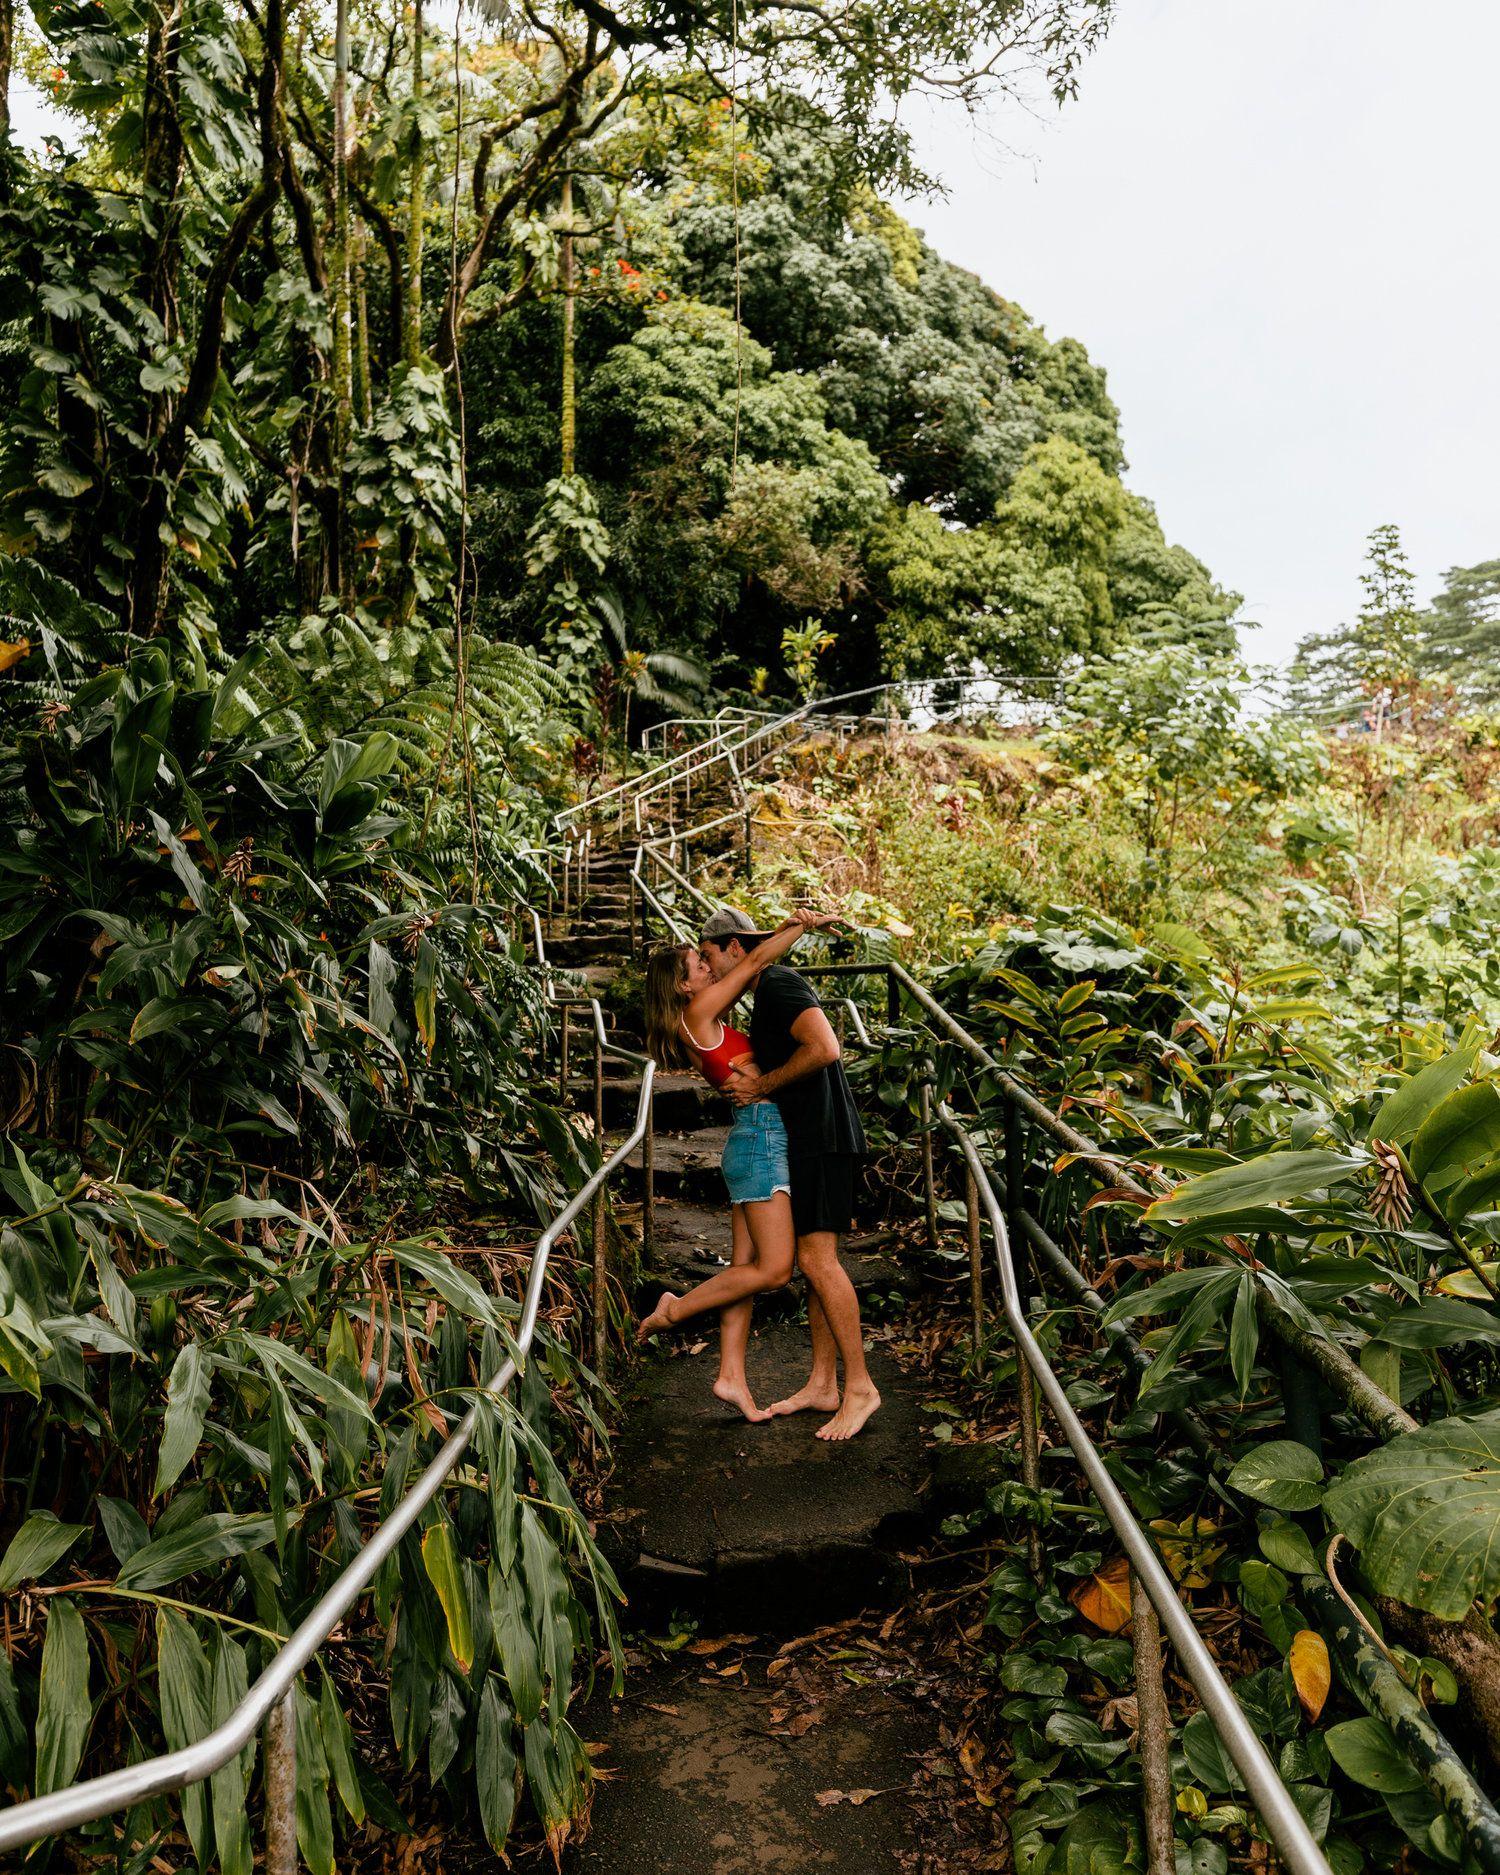 Big Island Hawaii Travel Guide. #rainbowfalls